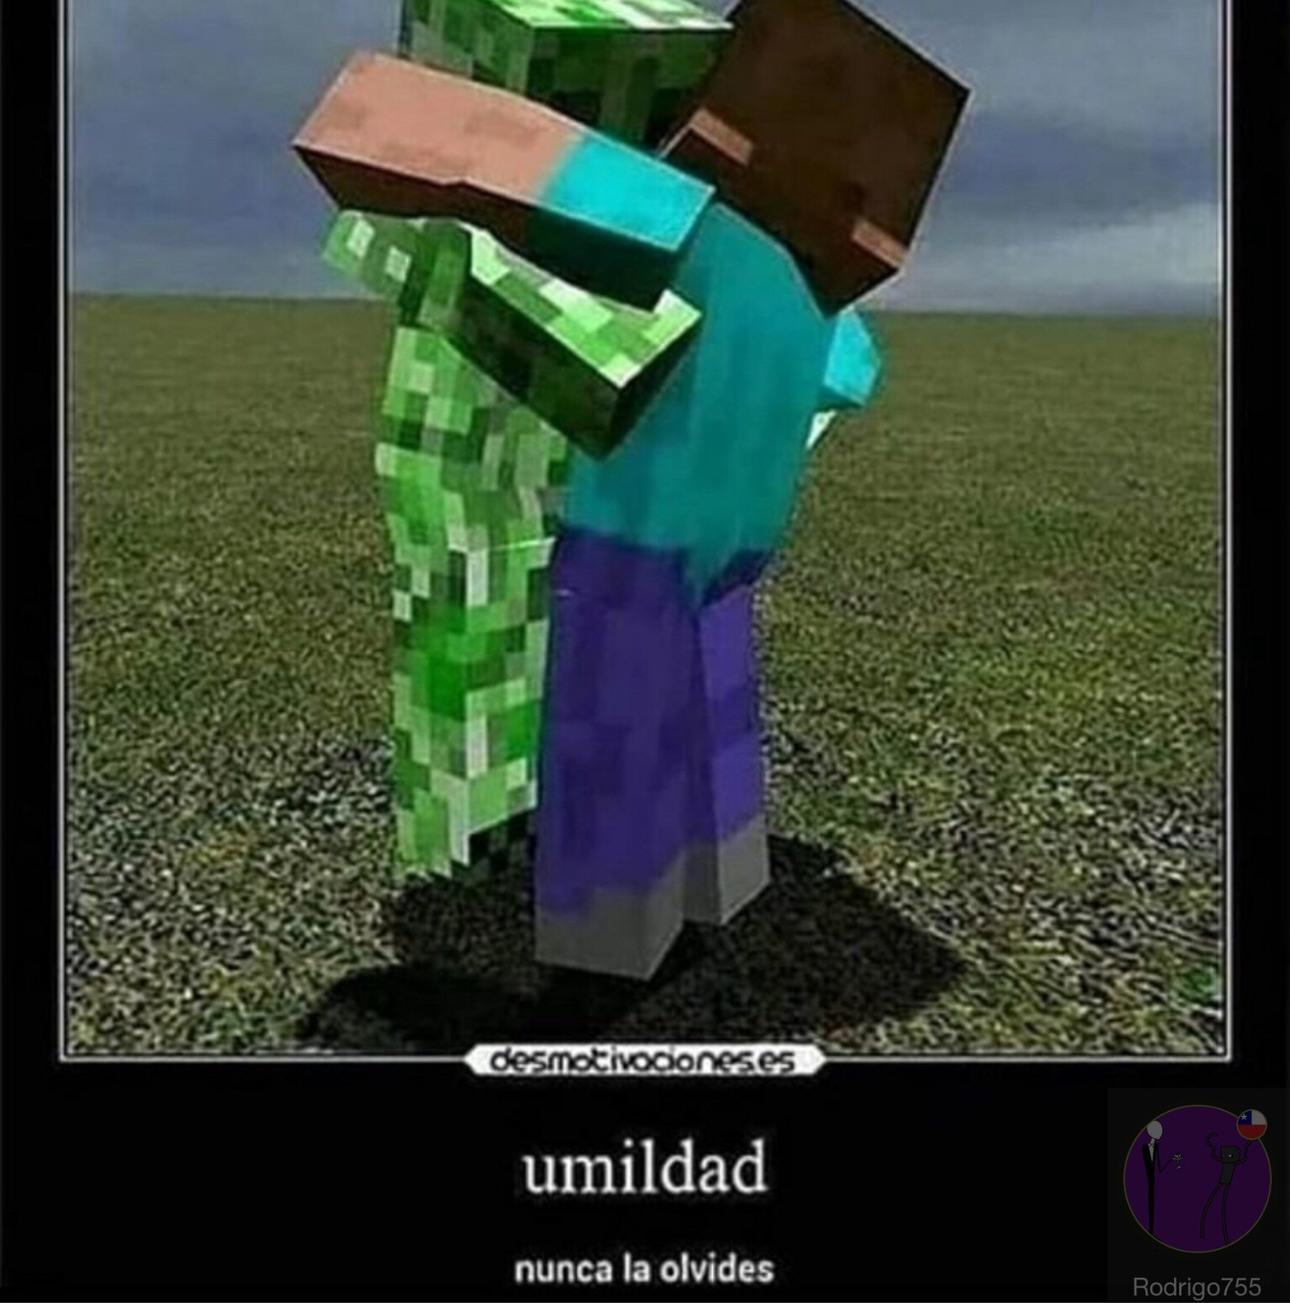 umildad - meme